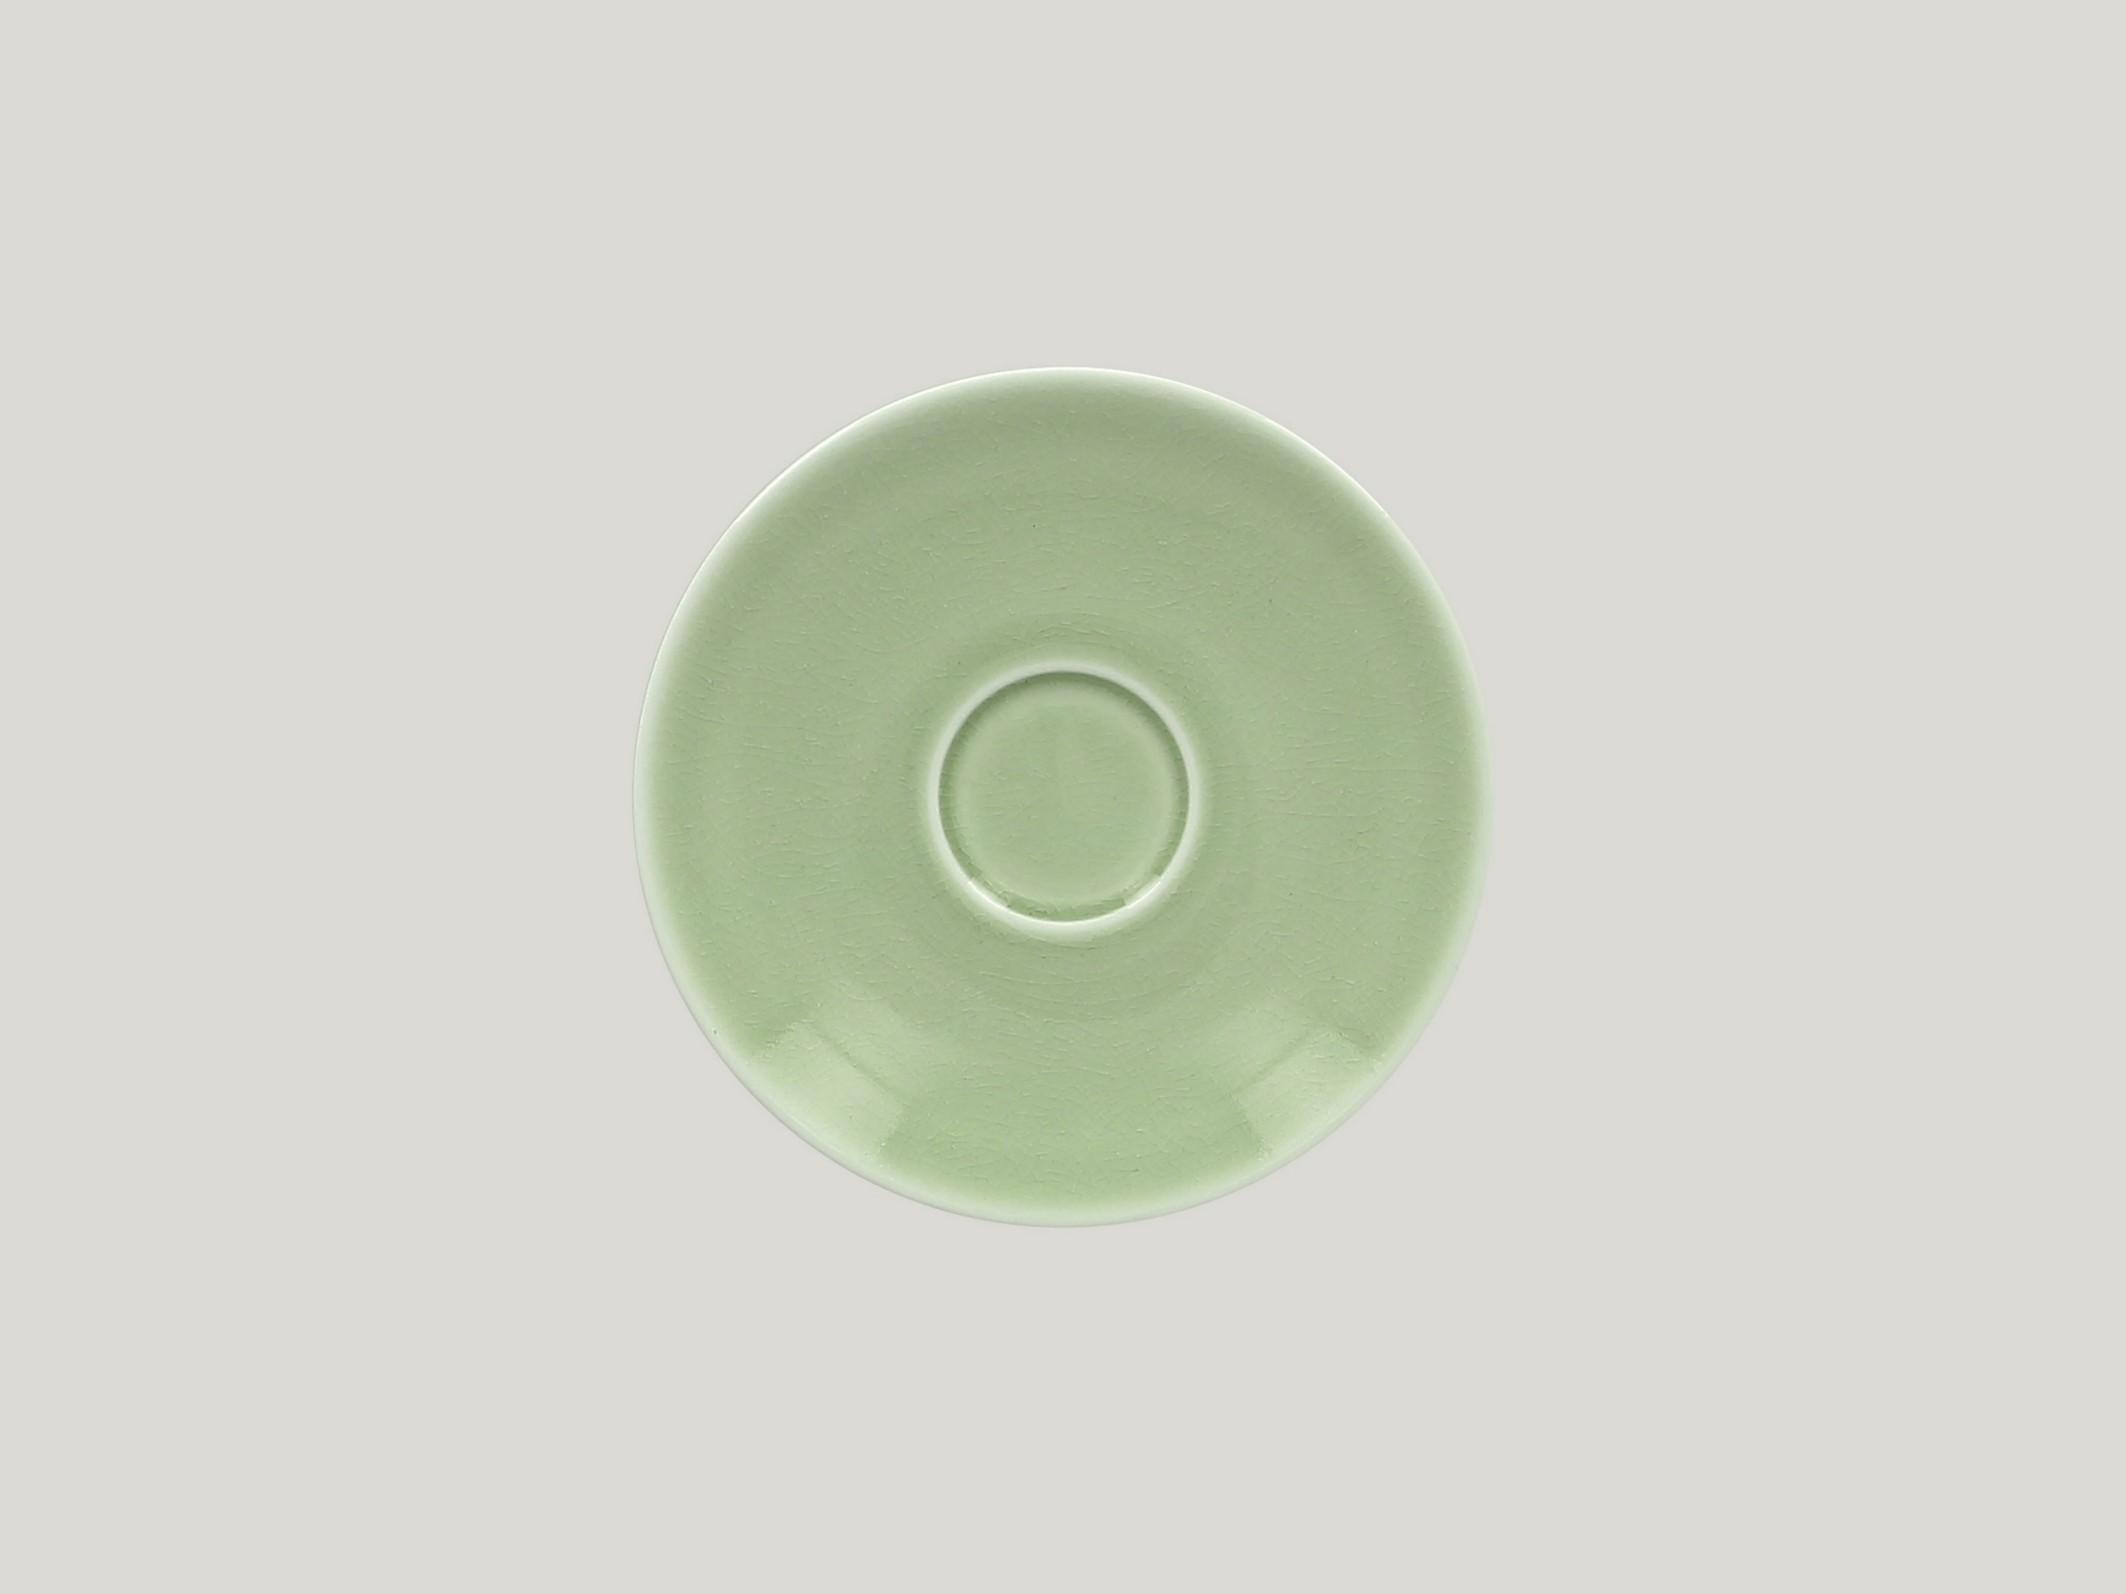 Vintage podšálek pro šálek na kávu CLCU23/CLCU20 15 cm - zelená